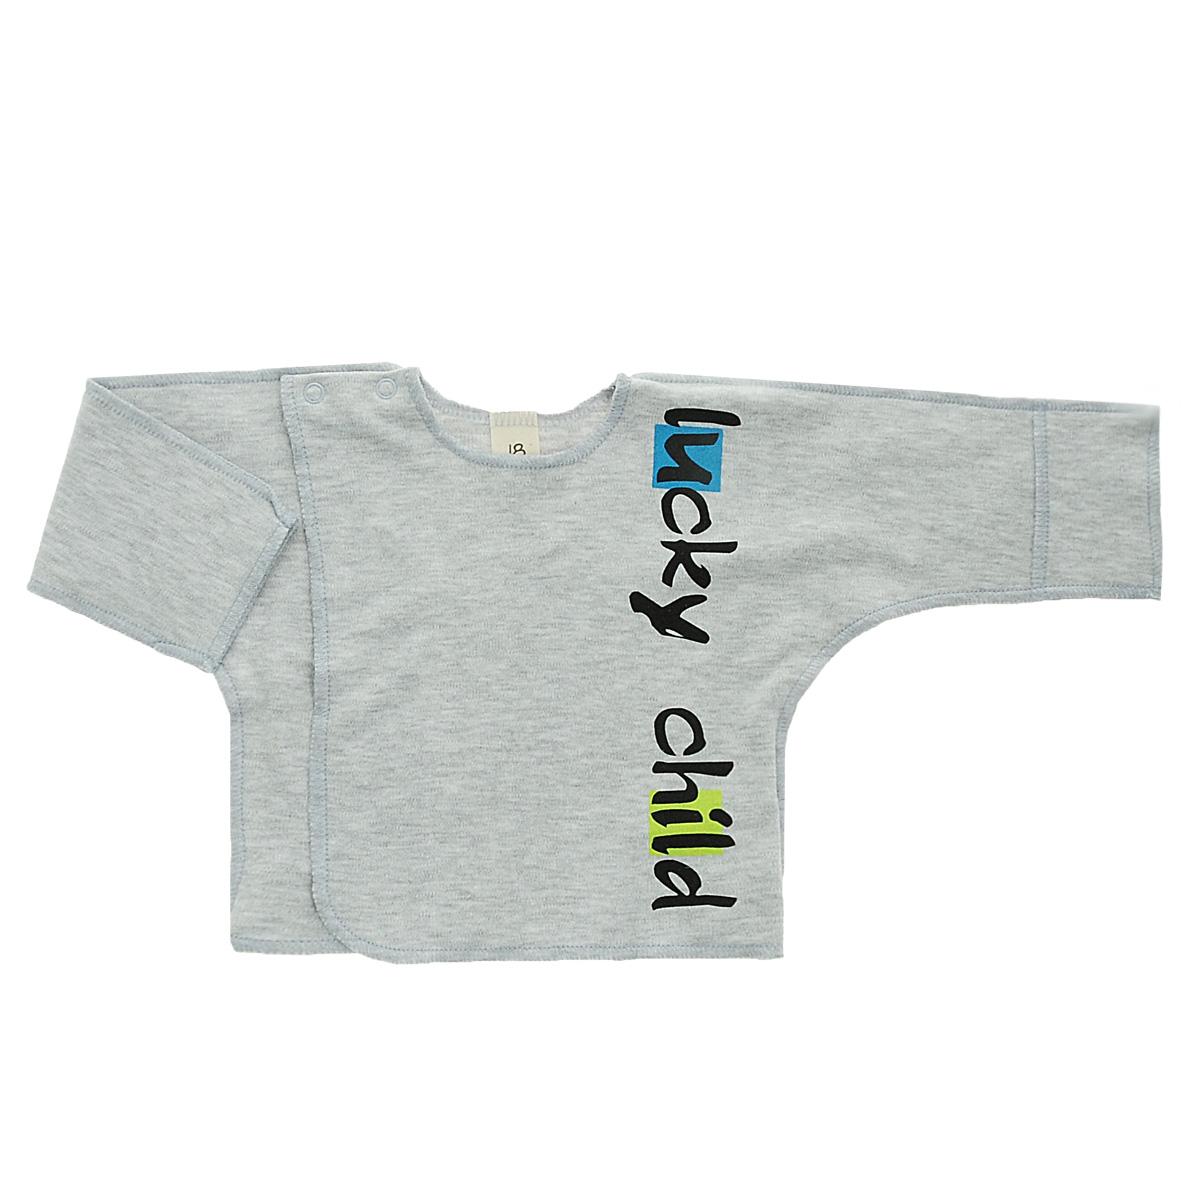 Распашонка Lucky Child цвет: серый, голубой. 1-8. Размер 50/561-8Распашонка для новорожденного Lucky Child с длинными рукавами послужит идеальным дополнением к гардеробу вашего малыша, обеспечивая ему наибольший комфорт. Распашонка изготовлена из интерлока - натурального хлопка, благодаря чему она необычайно мягкая и легкая, не раздражает нежную кожу ребенка и хорошо вентилируется, а эластичные швы приятны телу малыша и не препятствуют его движениям.Распашонка-кимоно для новорожденного с закрытыми ручками, выполненная швами наружу, спереди оформлена надписью Lucky Child. Благодаря системе застежек-кнопок по принципу кимоно модель можно полностью расстегнуть. А благодаря рукавичкам ребенок не поцарапает себя. Распашонка полностью соответствует особенностям жизни ребенка в ранний период, не стесняя и не ограничивая его в движениях. В ней ваш малыш всегда будет в центре внимания.